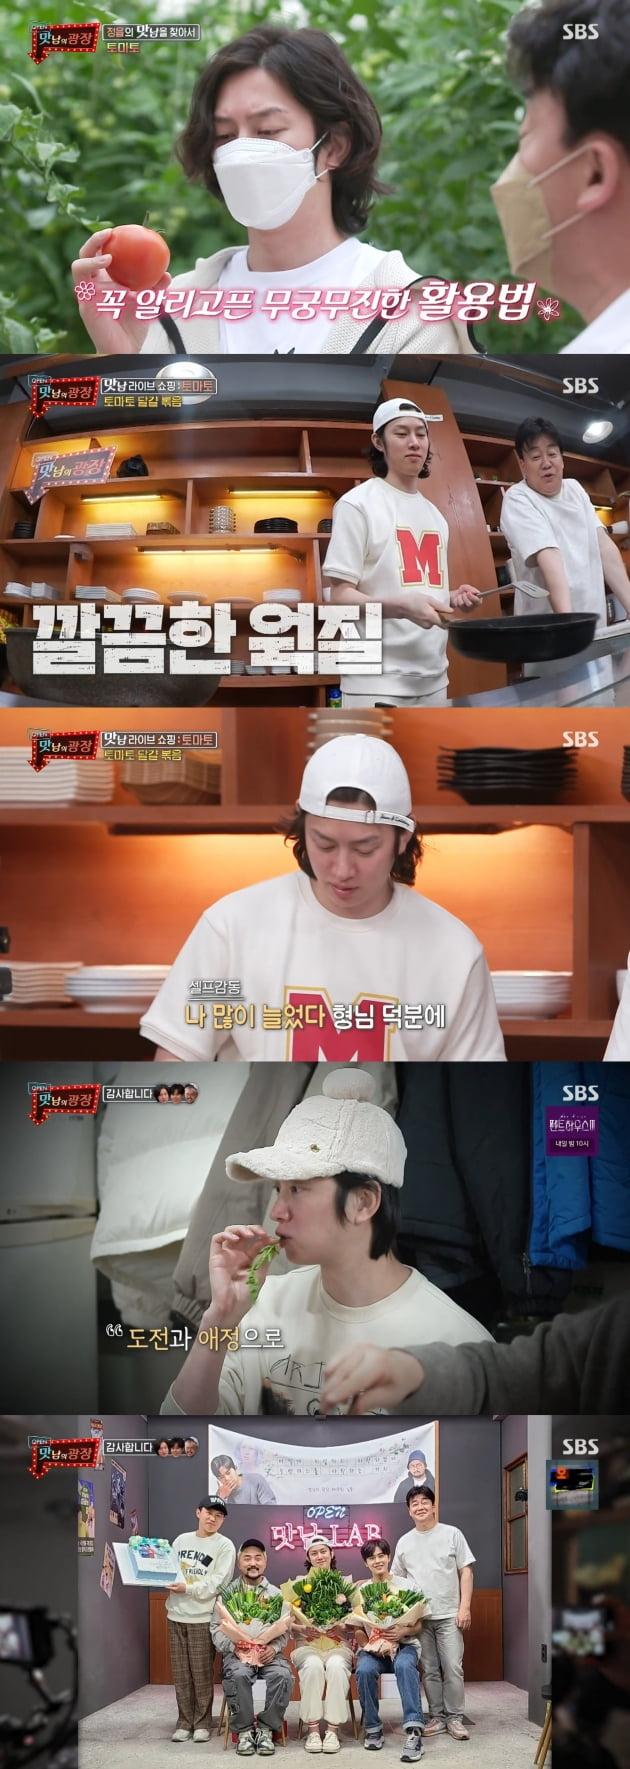 SBS '맛남의 광장' 캡처